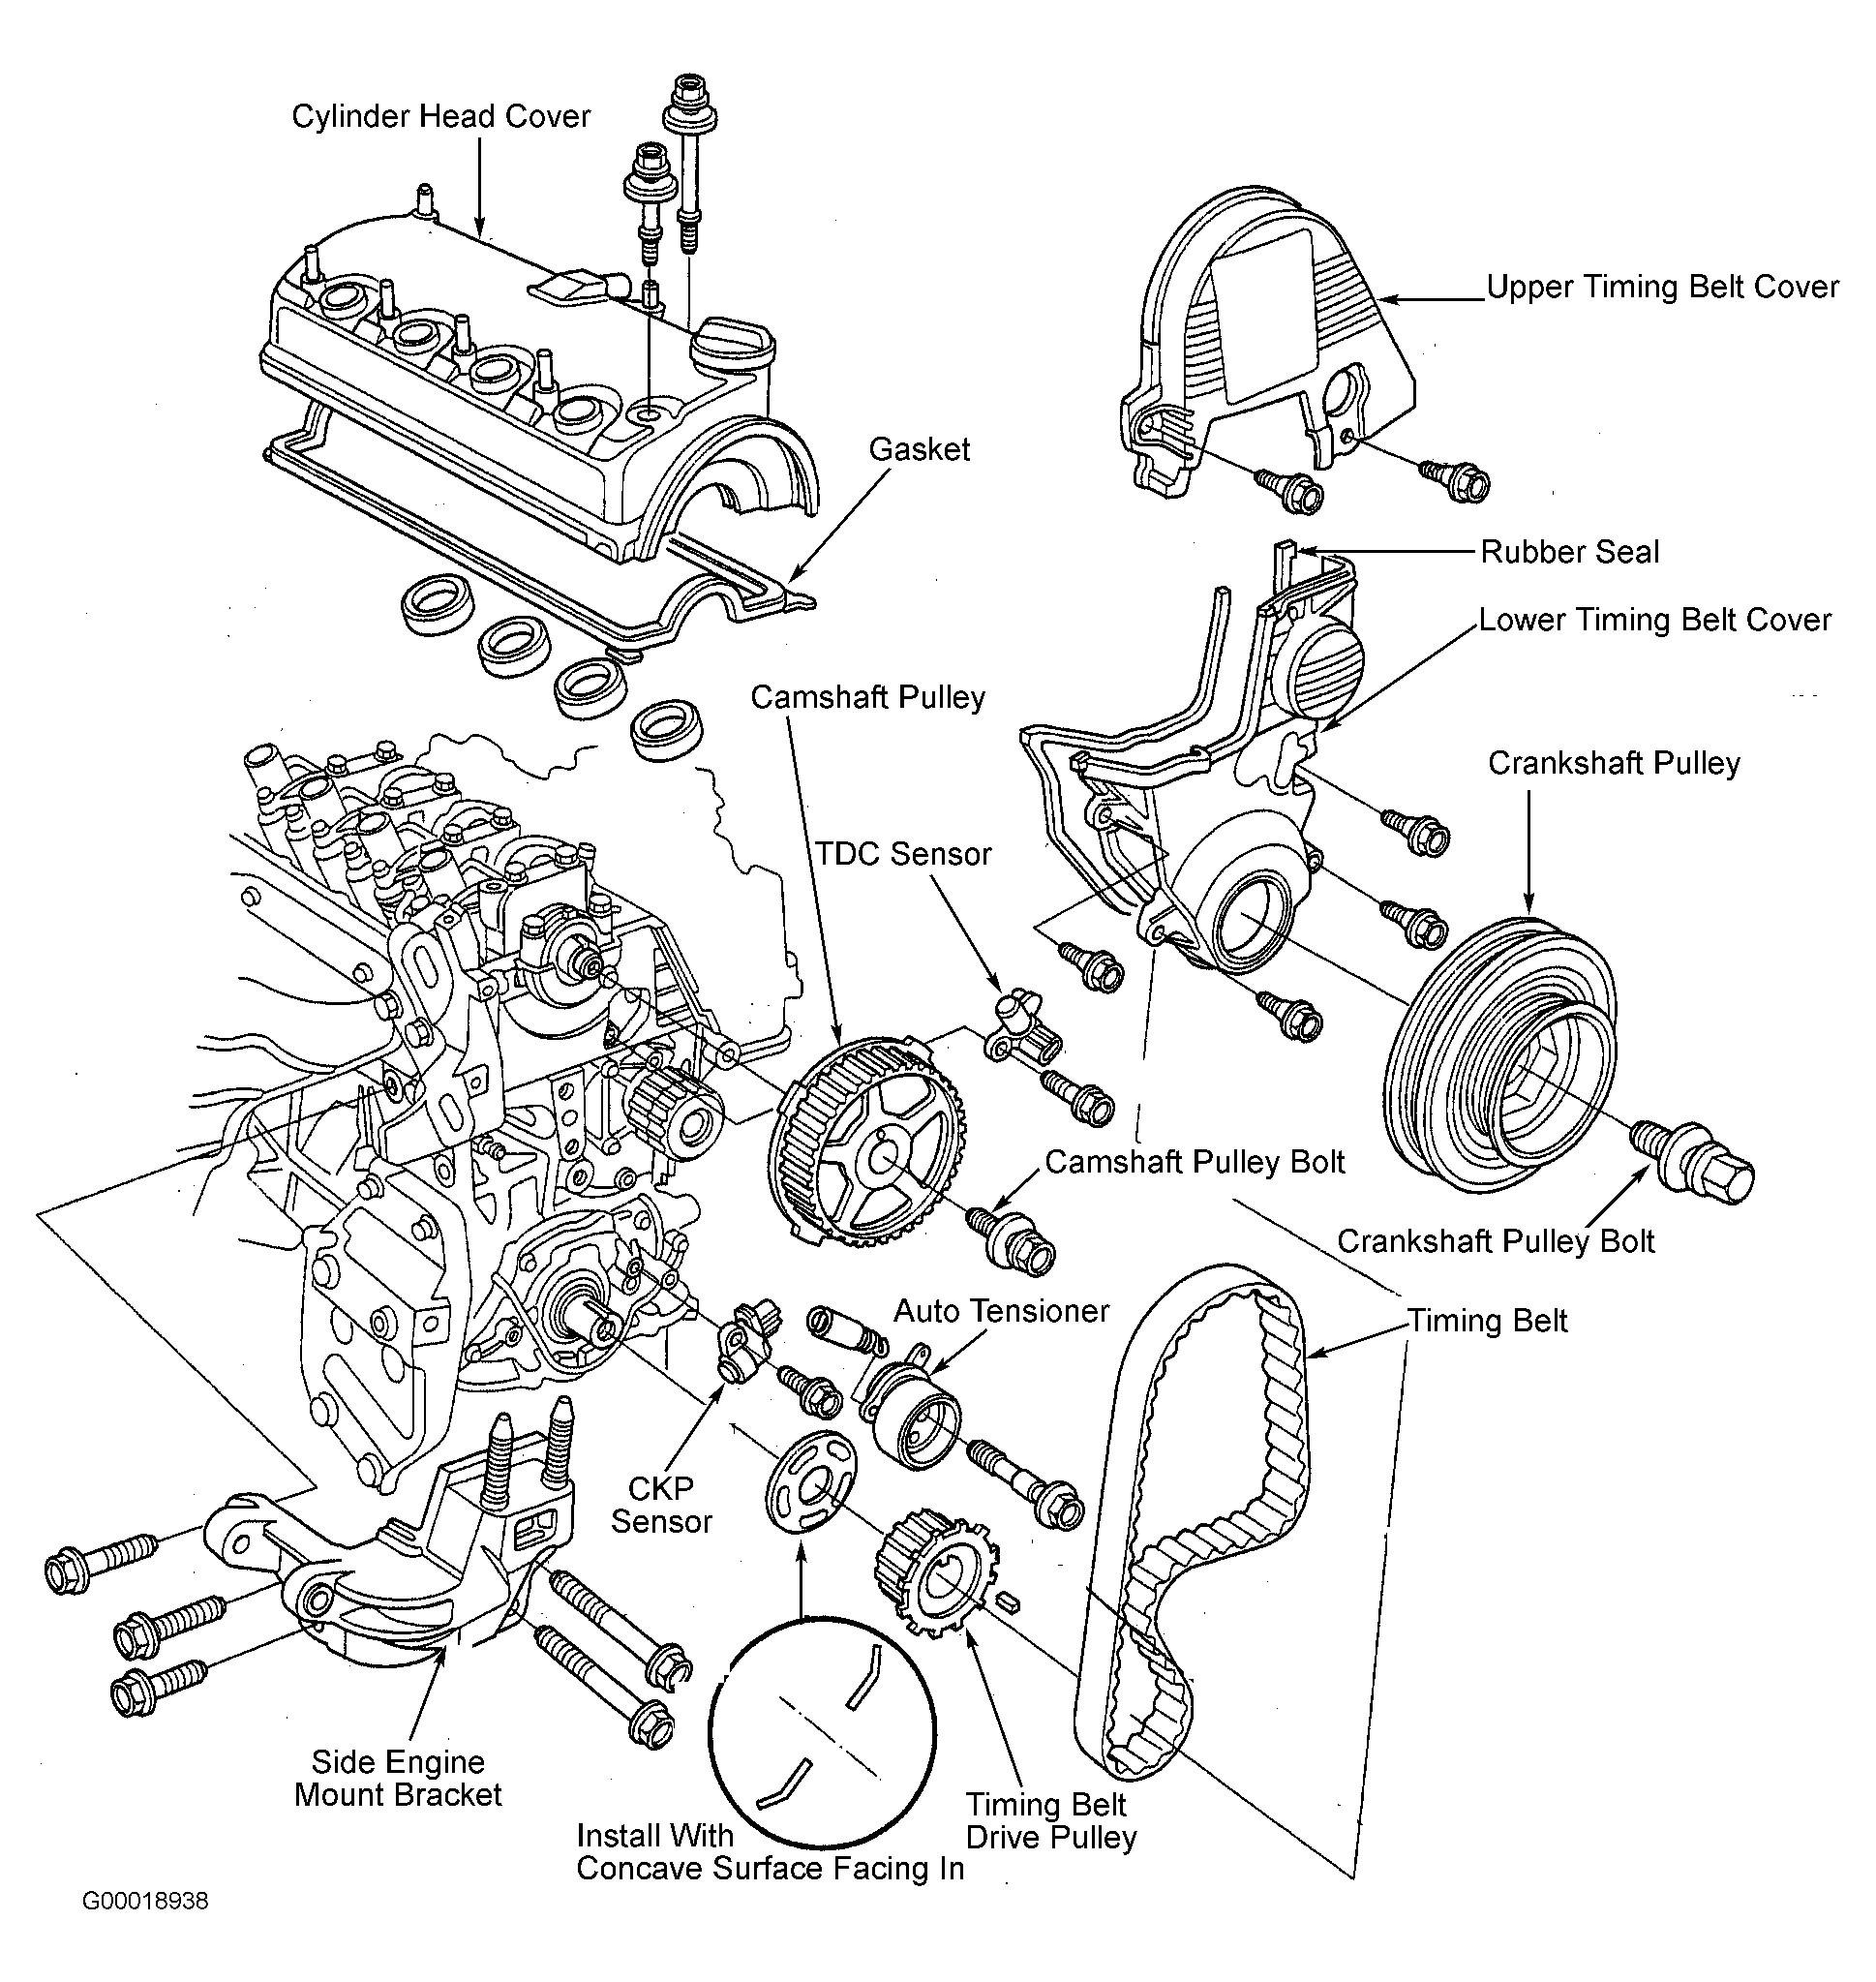 Honda Civic Engine Parts Diagram Auto Engine Parts Diagram Honda Civic Parts Diagram Wonderful Of Honda Civic Engine Parts Diagram